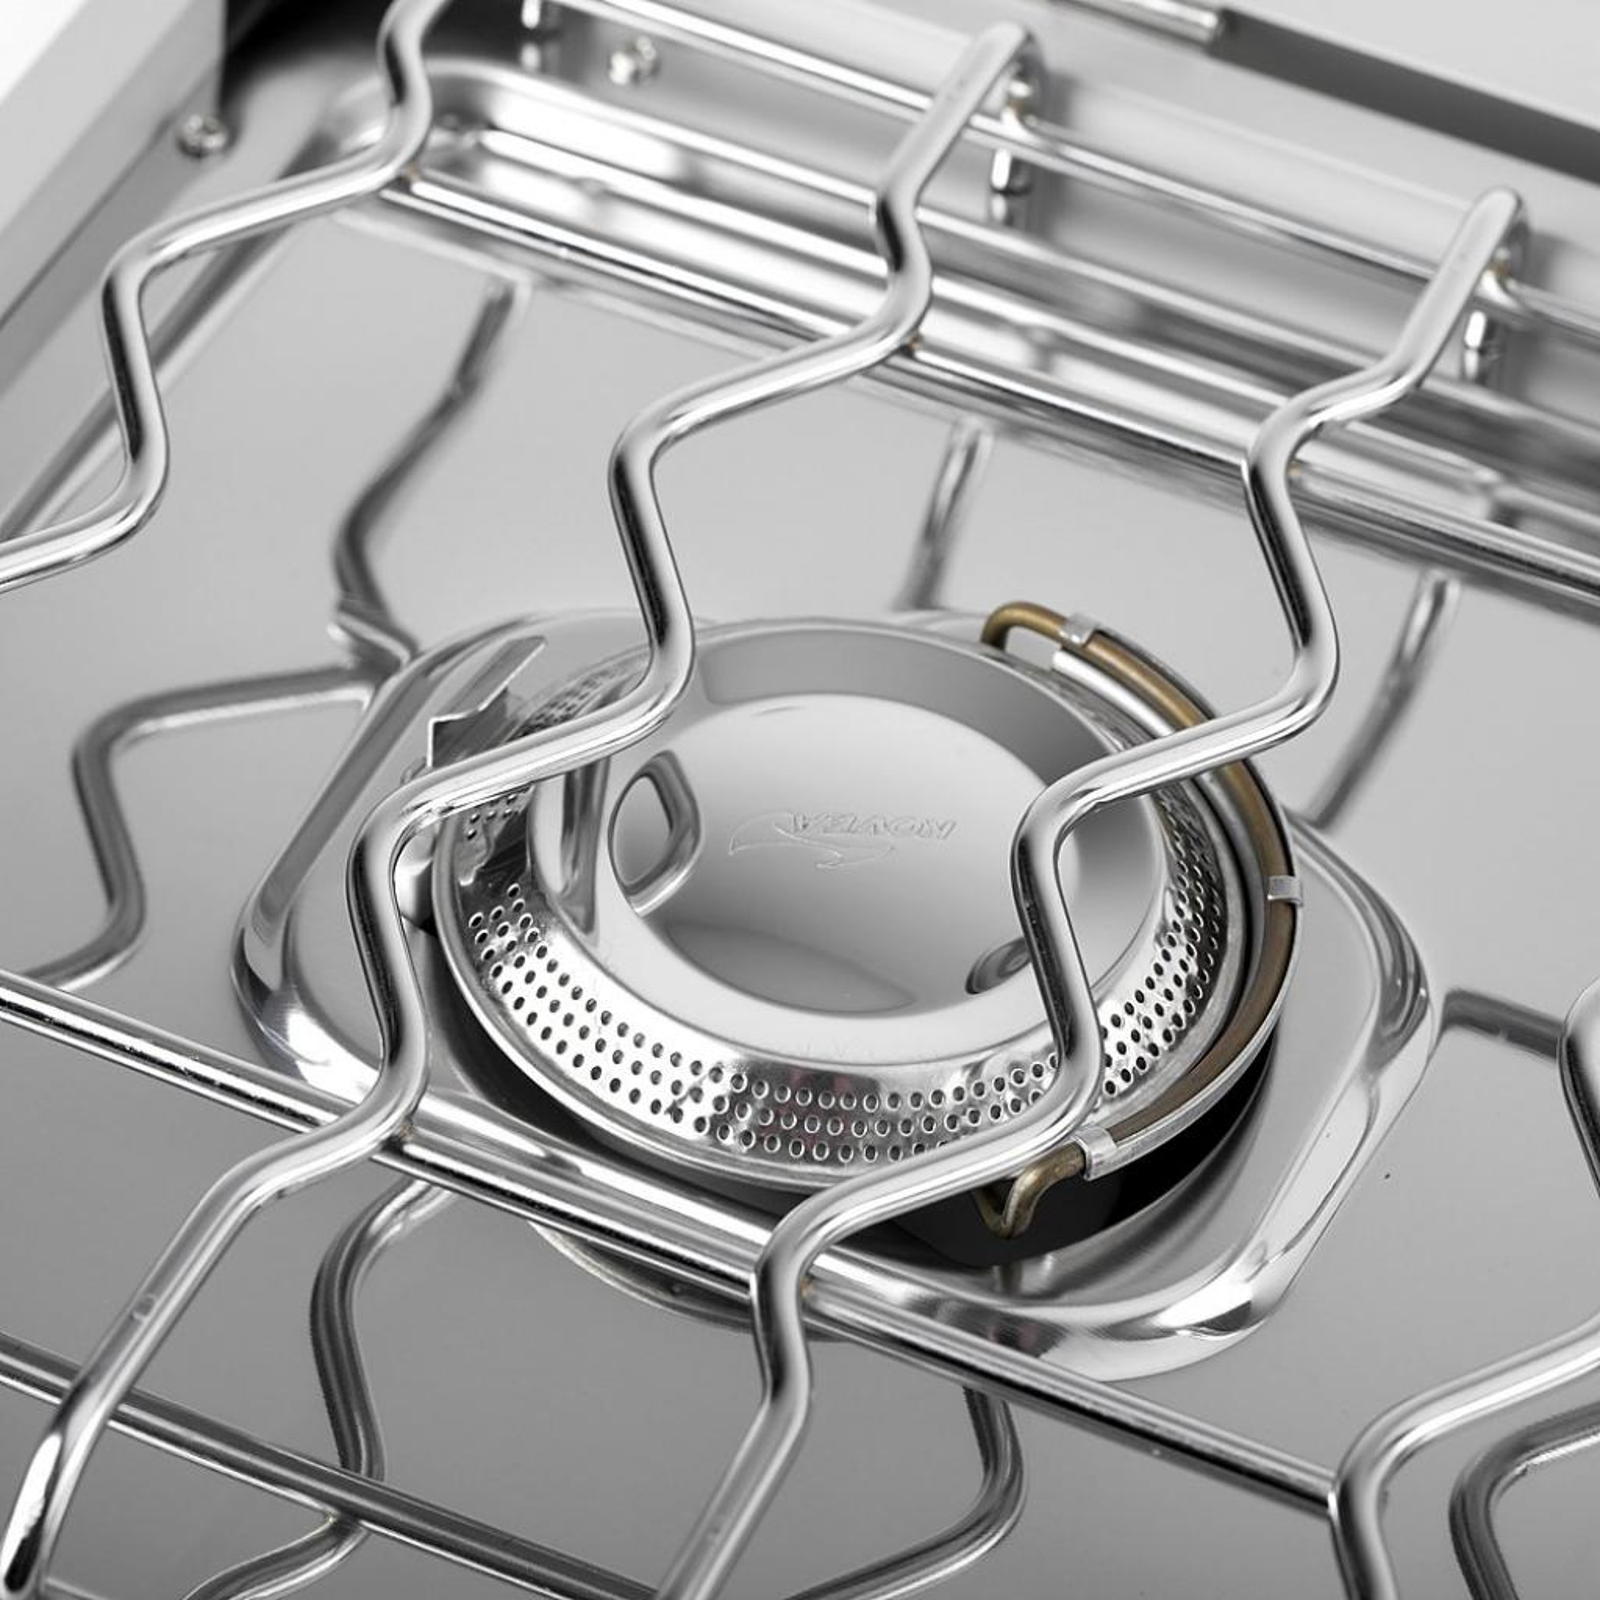 Газовая плитка Kovea Grace Twin Stove (AL II Chef Master) KB-0812 (8806372095437) изображение 2